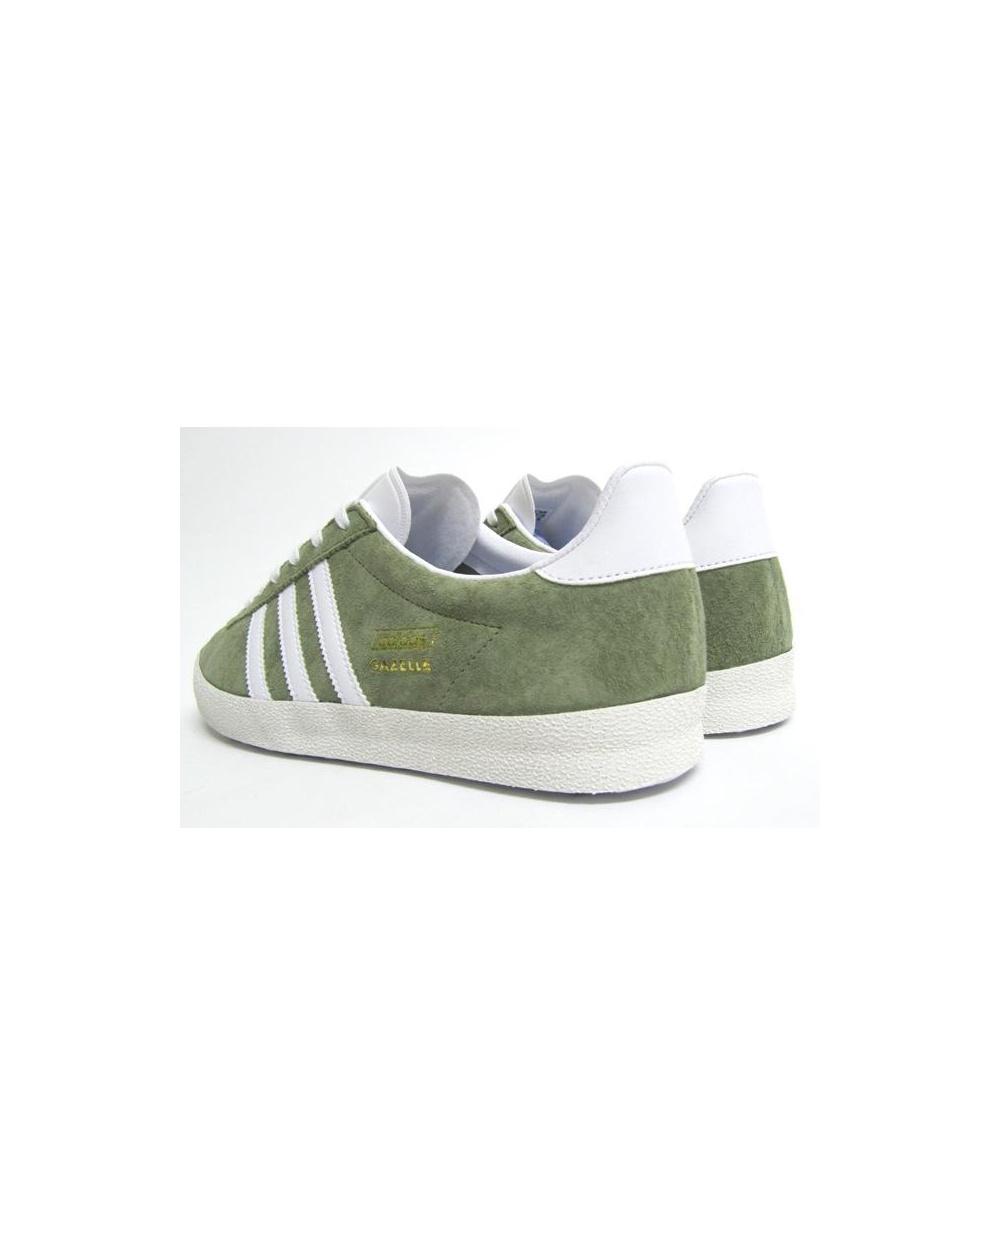 light grey adidas gazelle